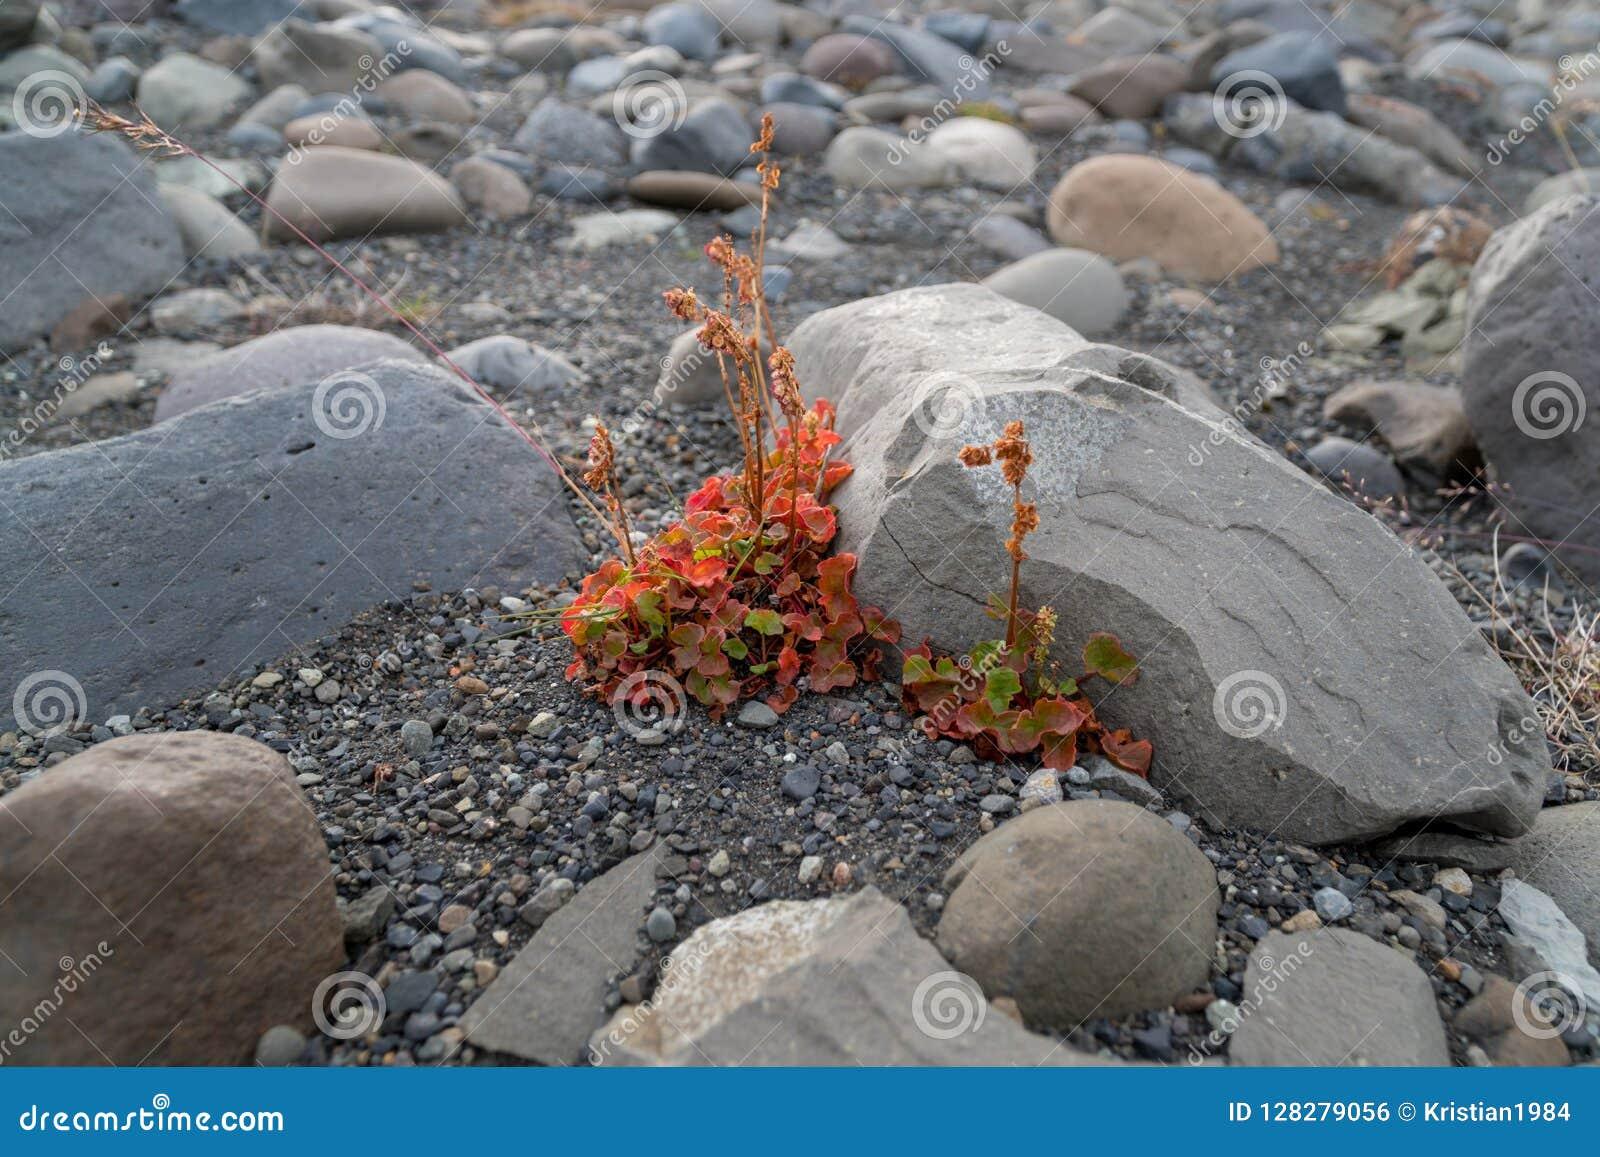 La petite fleur colorée se développe sur la surface approximative